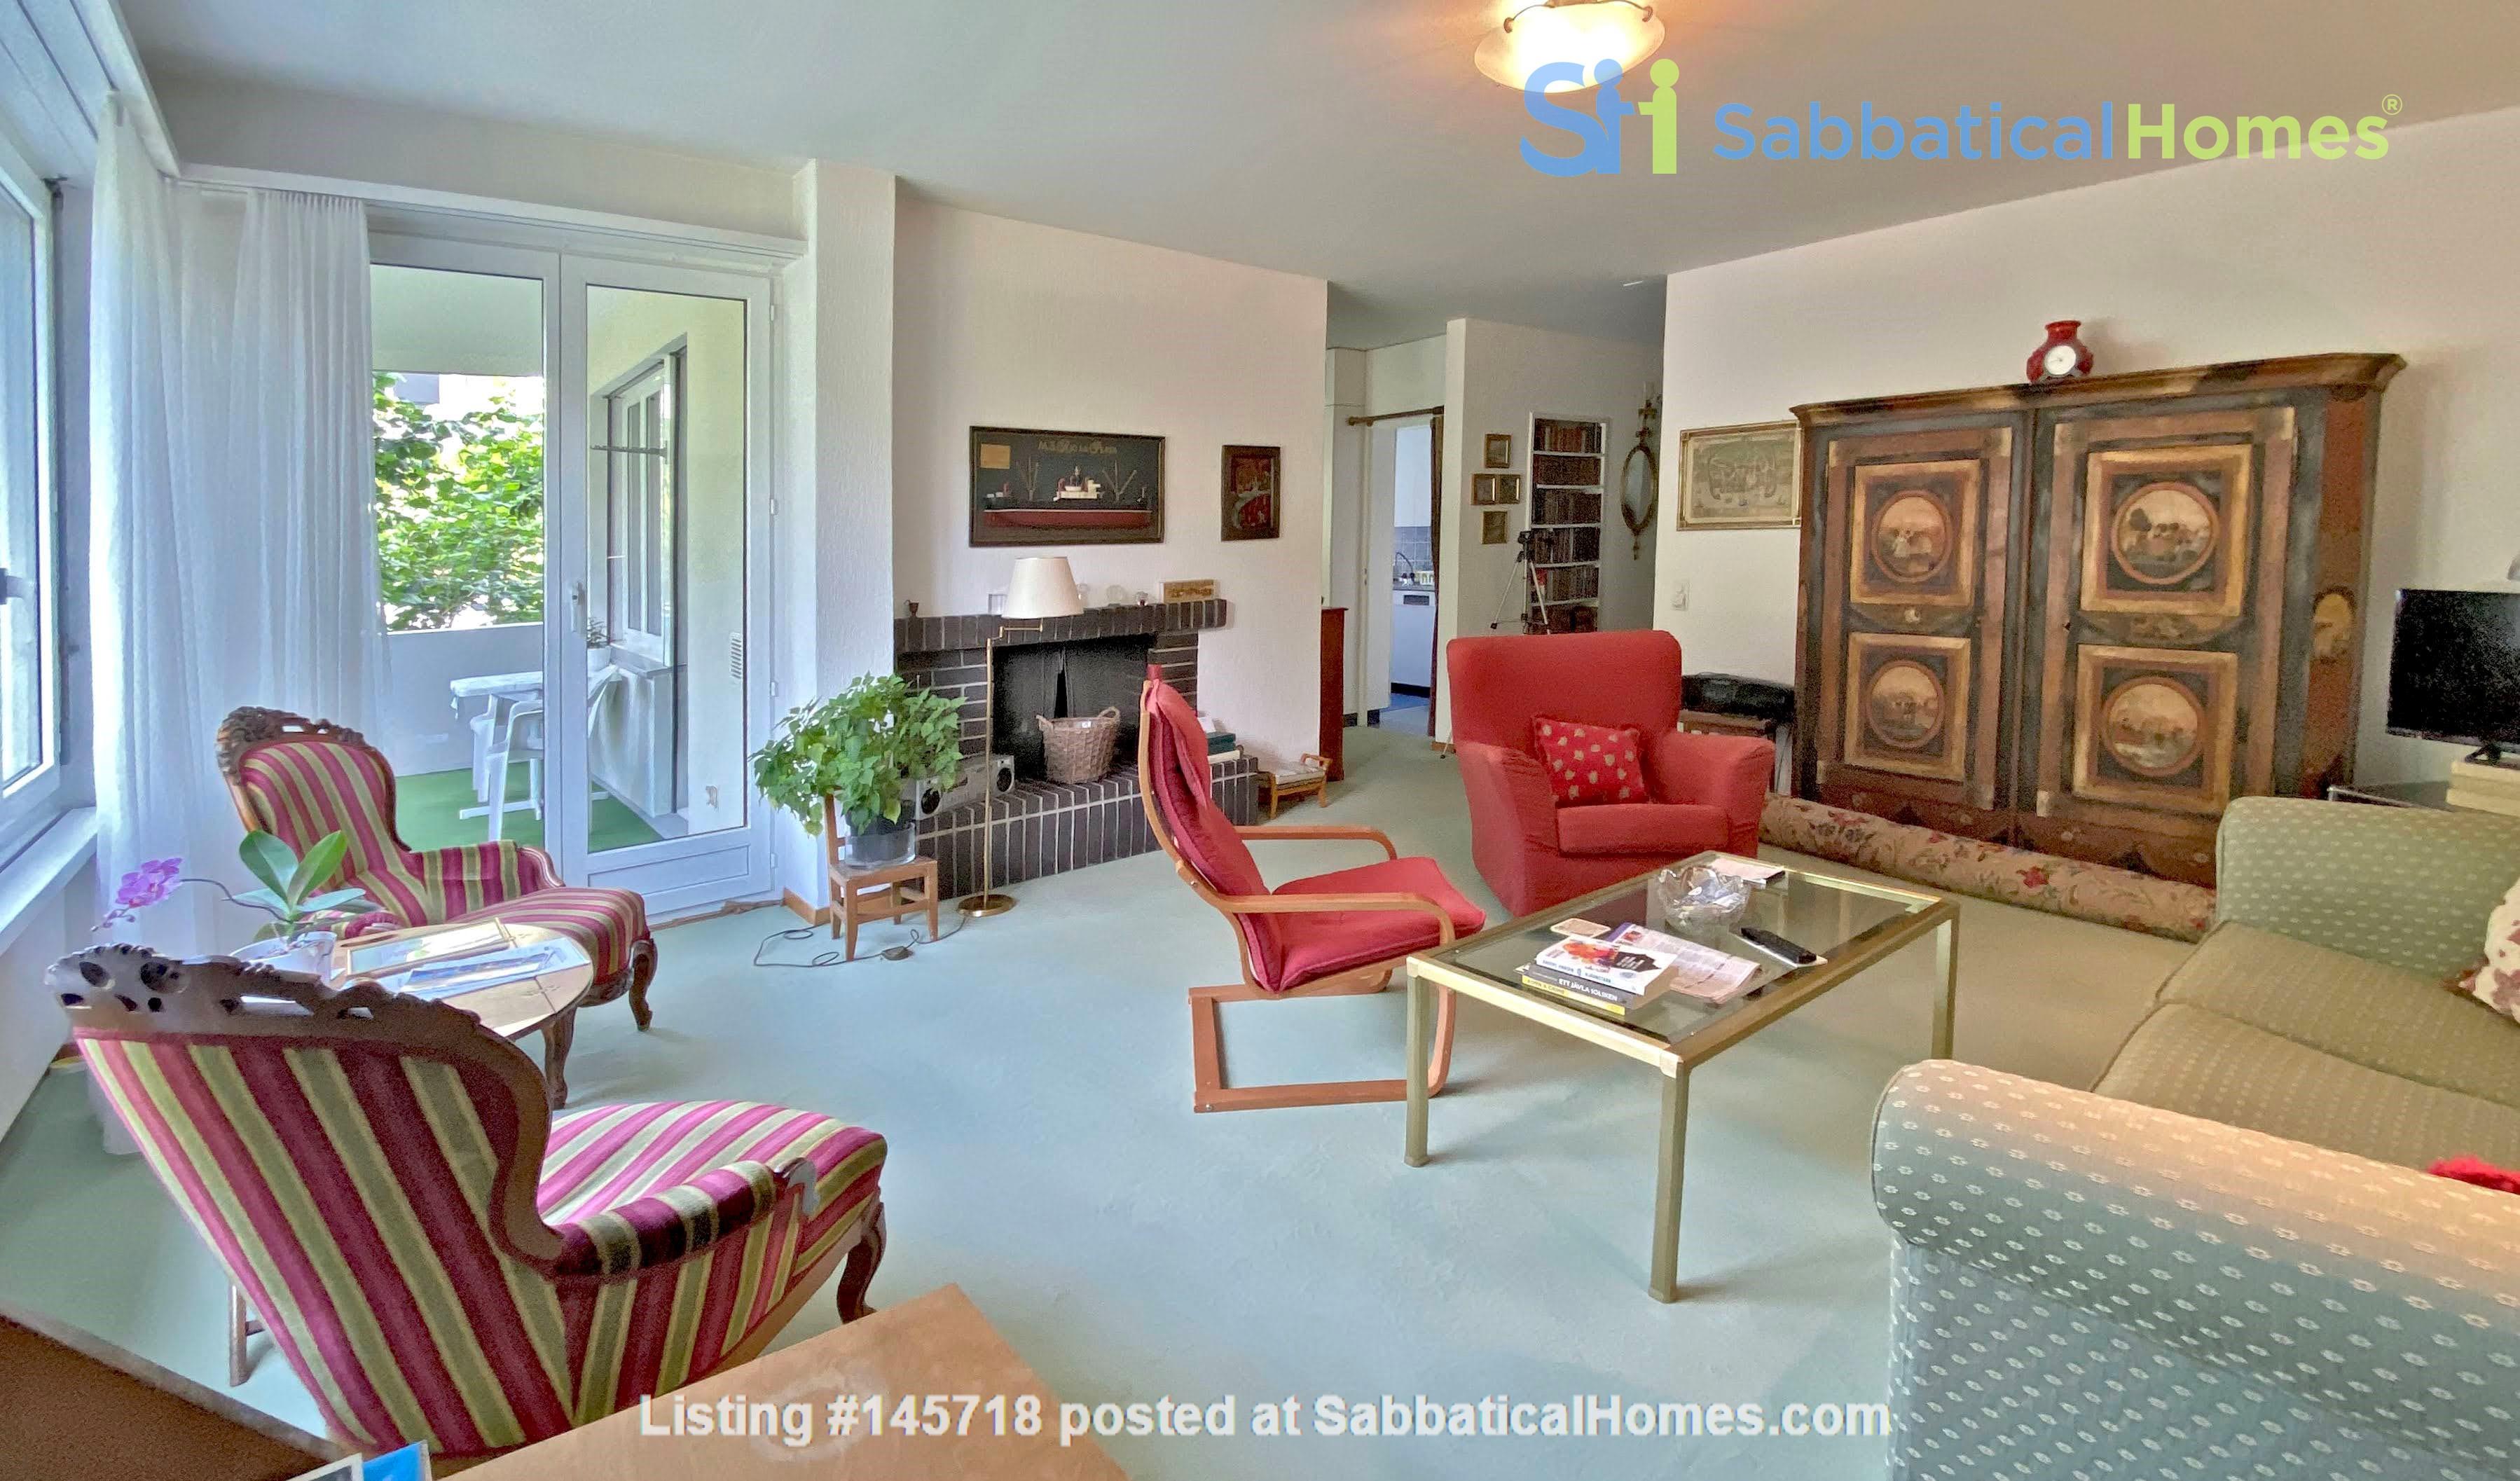 Upper Fluehgasse Home Rental in Zürich, Zürich, Switzerland 1